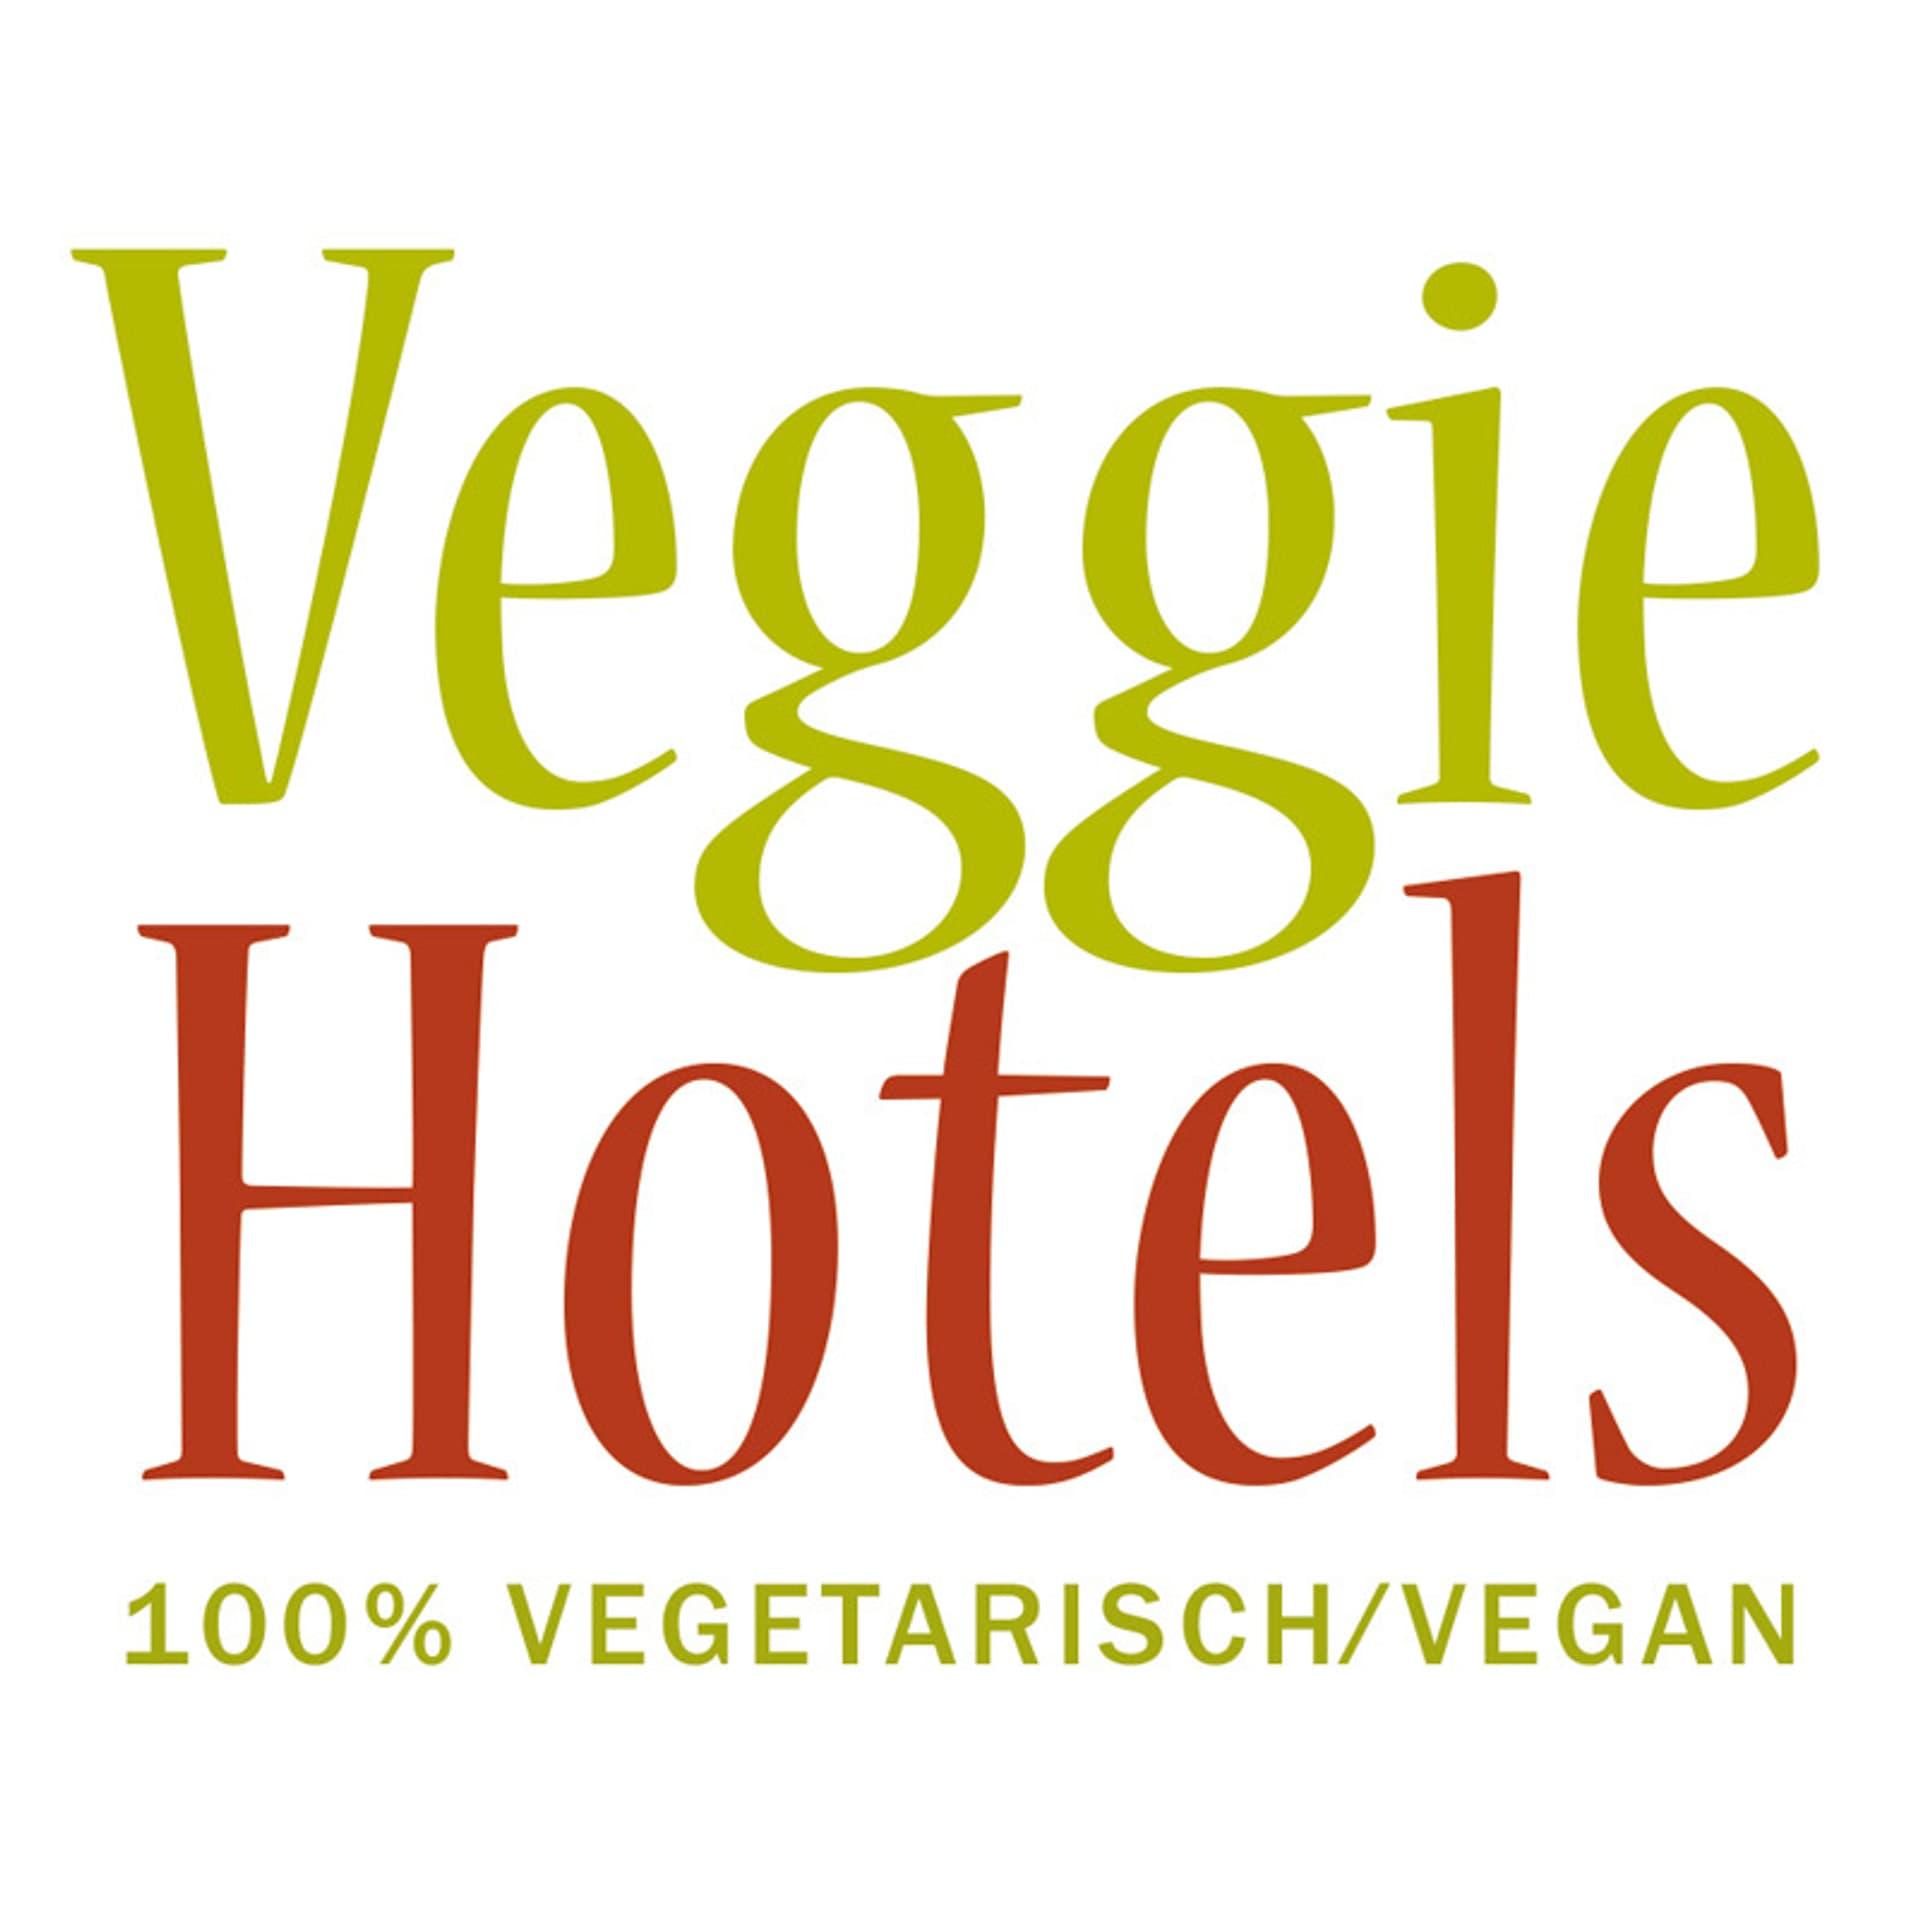 Logo der veggiehotels